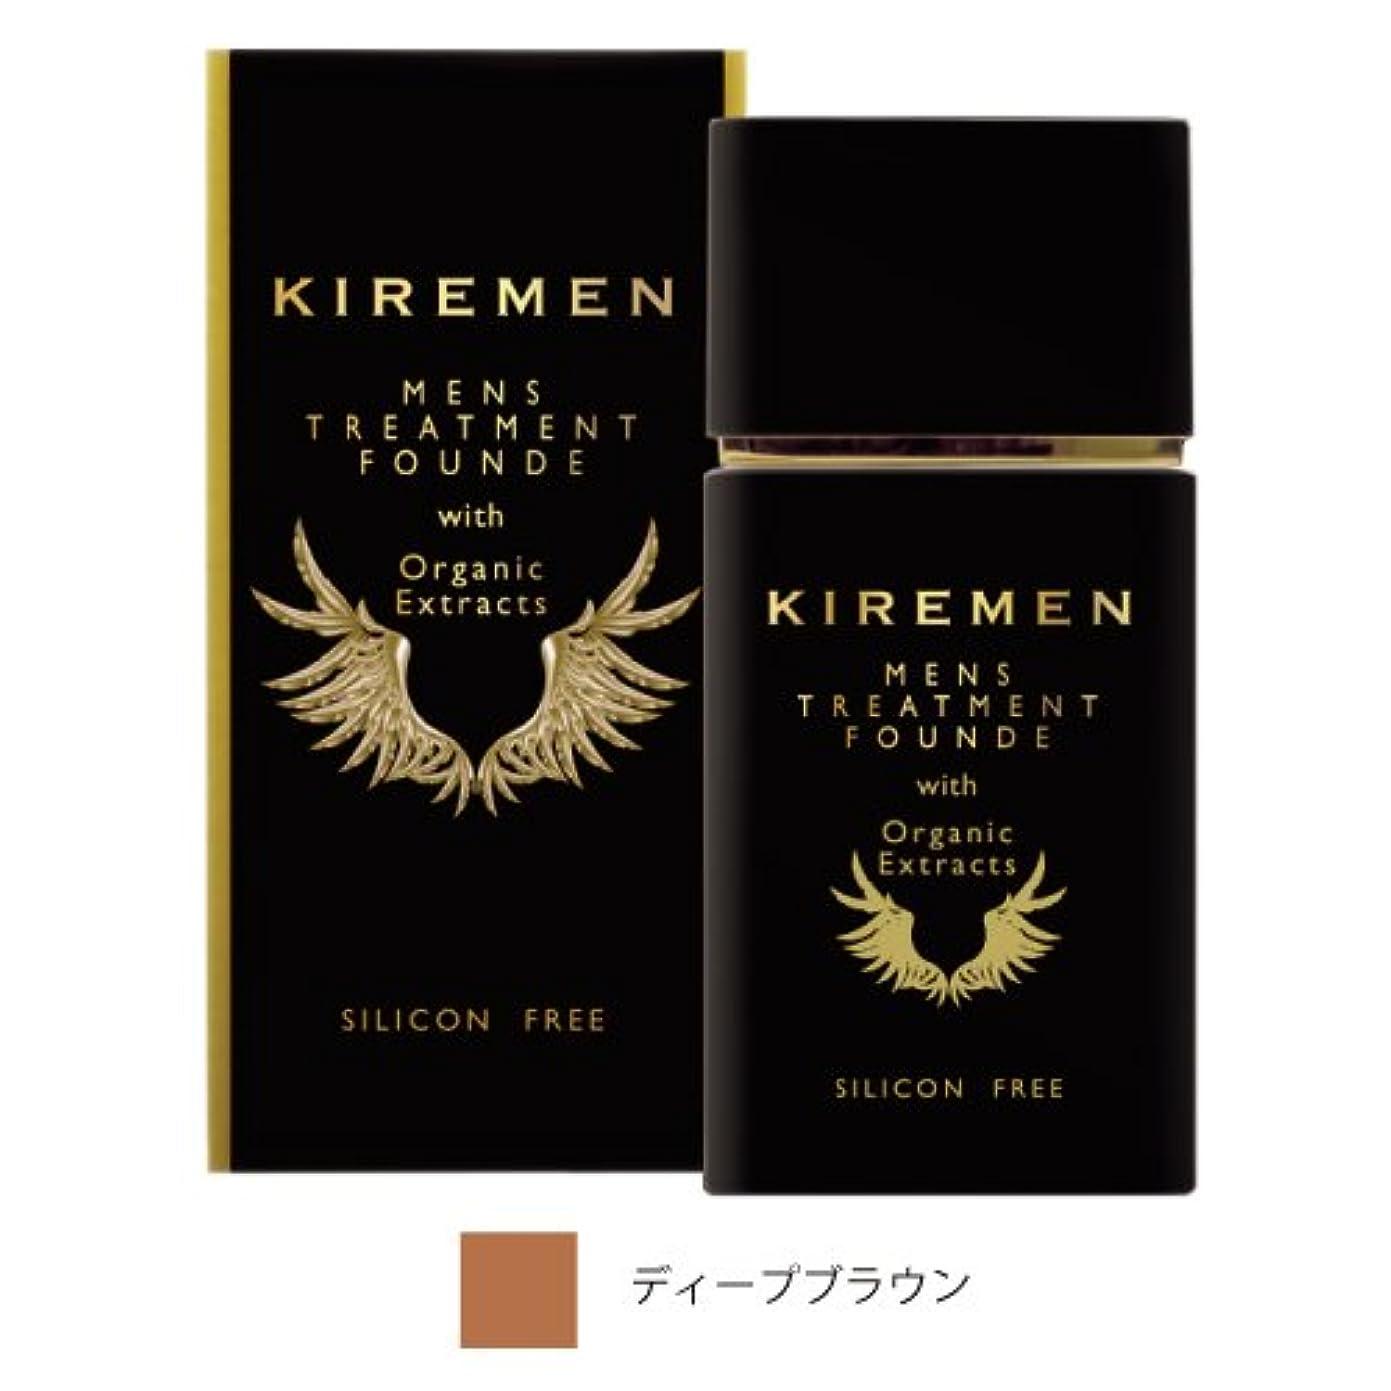 潜在的なアイドル広範囲キレメン KIREMEN メンズファンデーション (ディープブラウン)